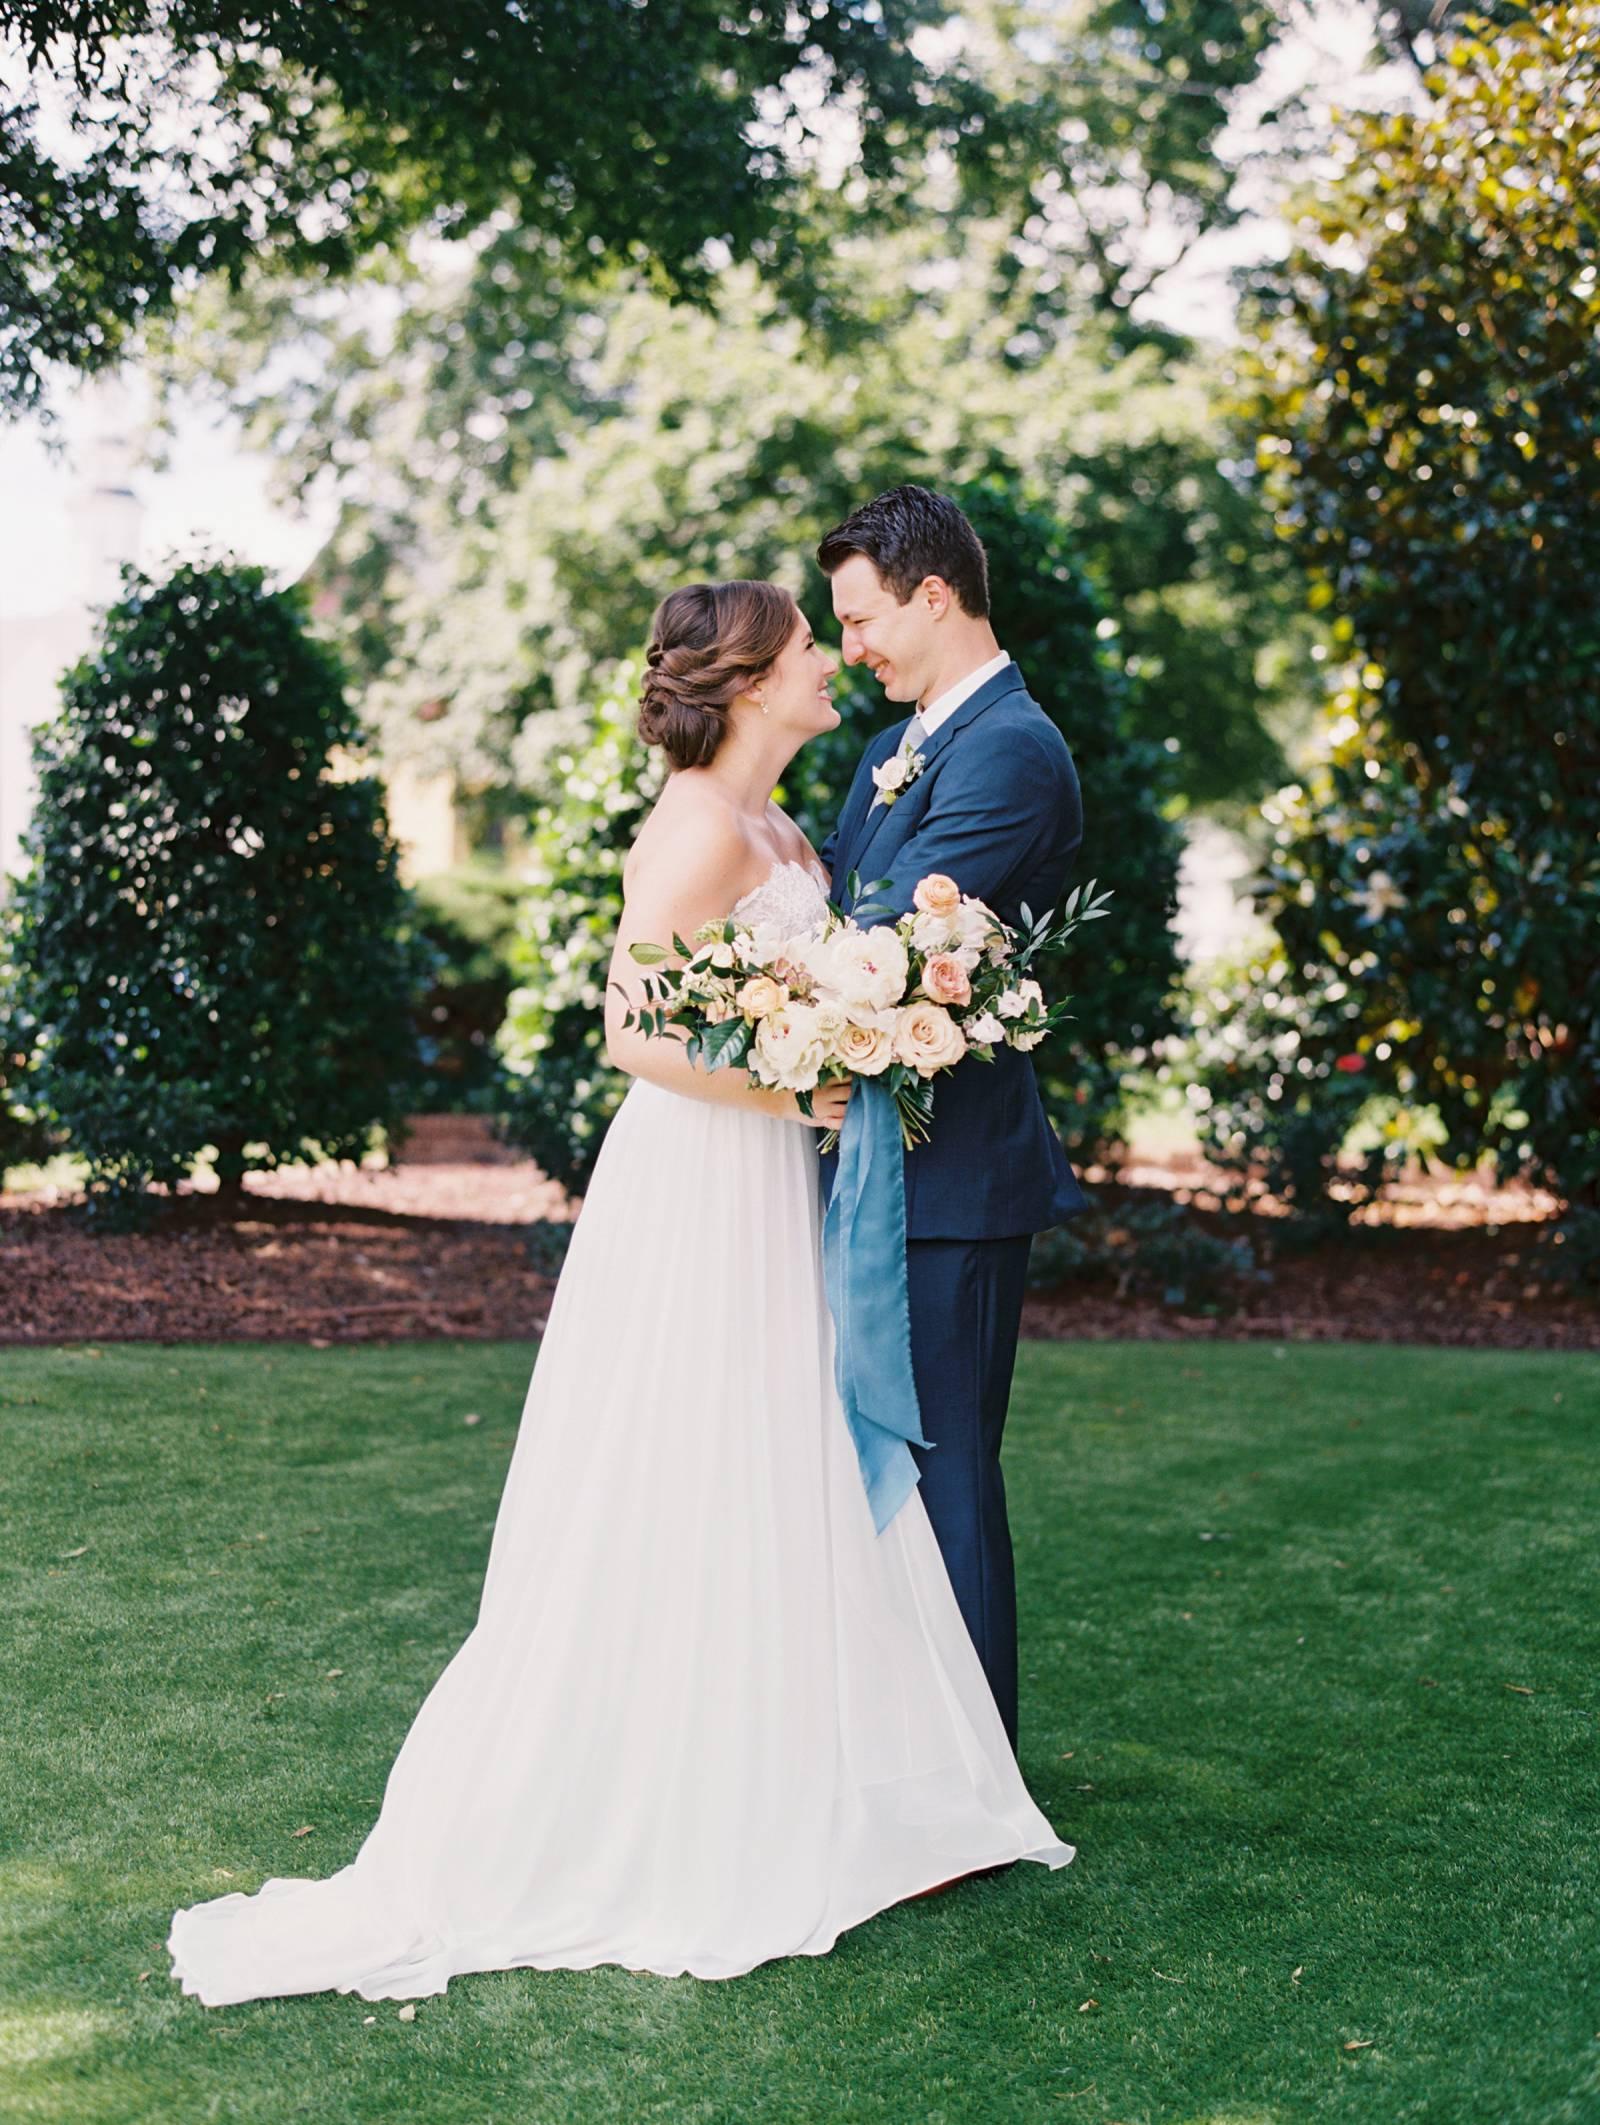 A Colourful Organic Wedding At And Historic North Carolina Estate